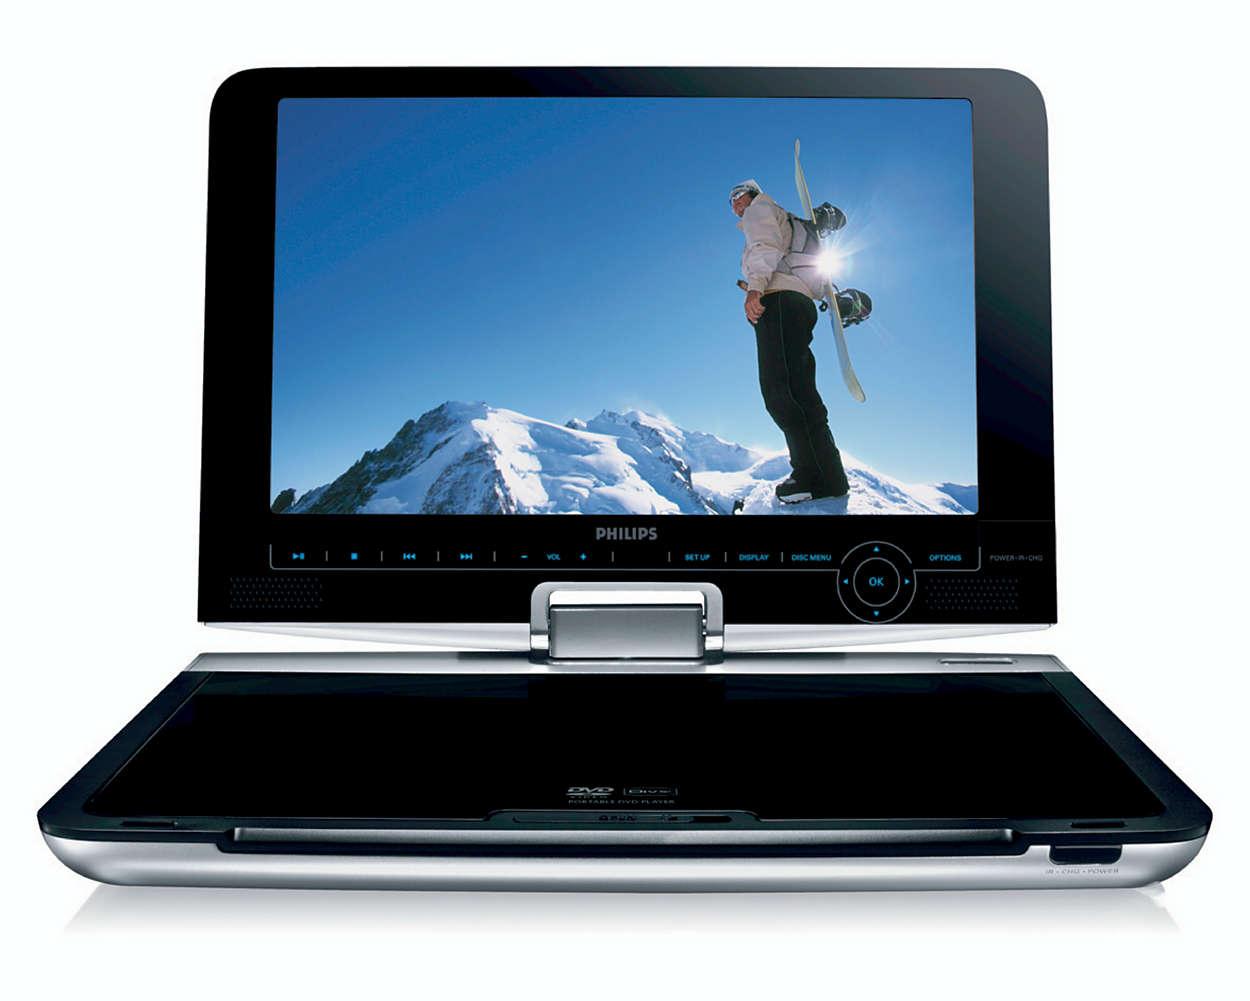 Otočná obrazovka, flexibilní zobrazení